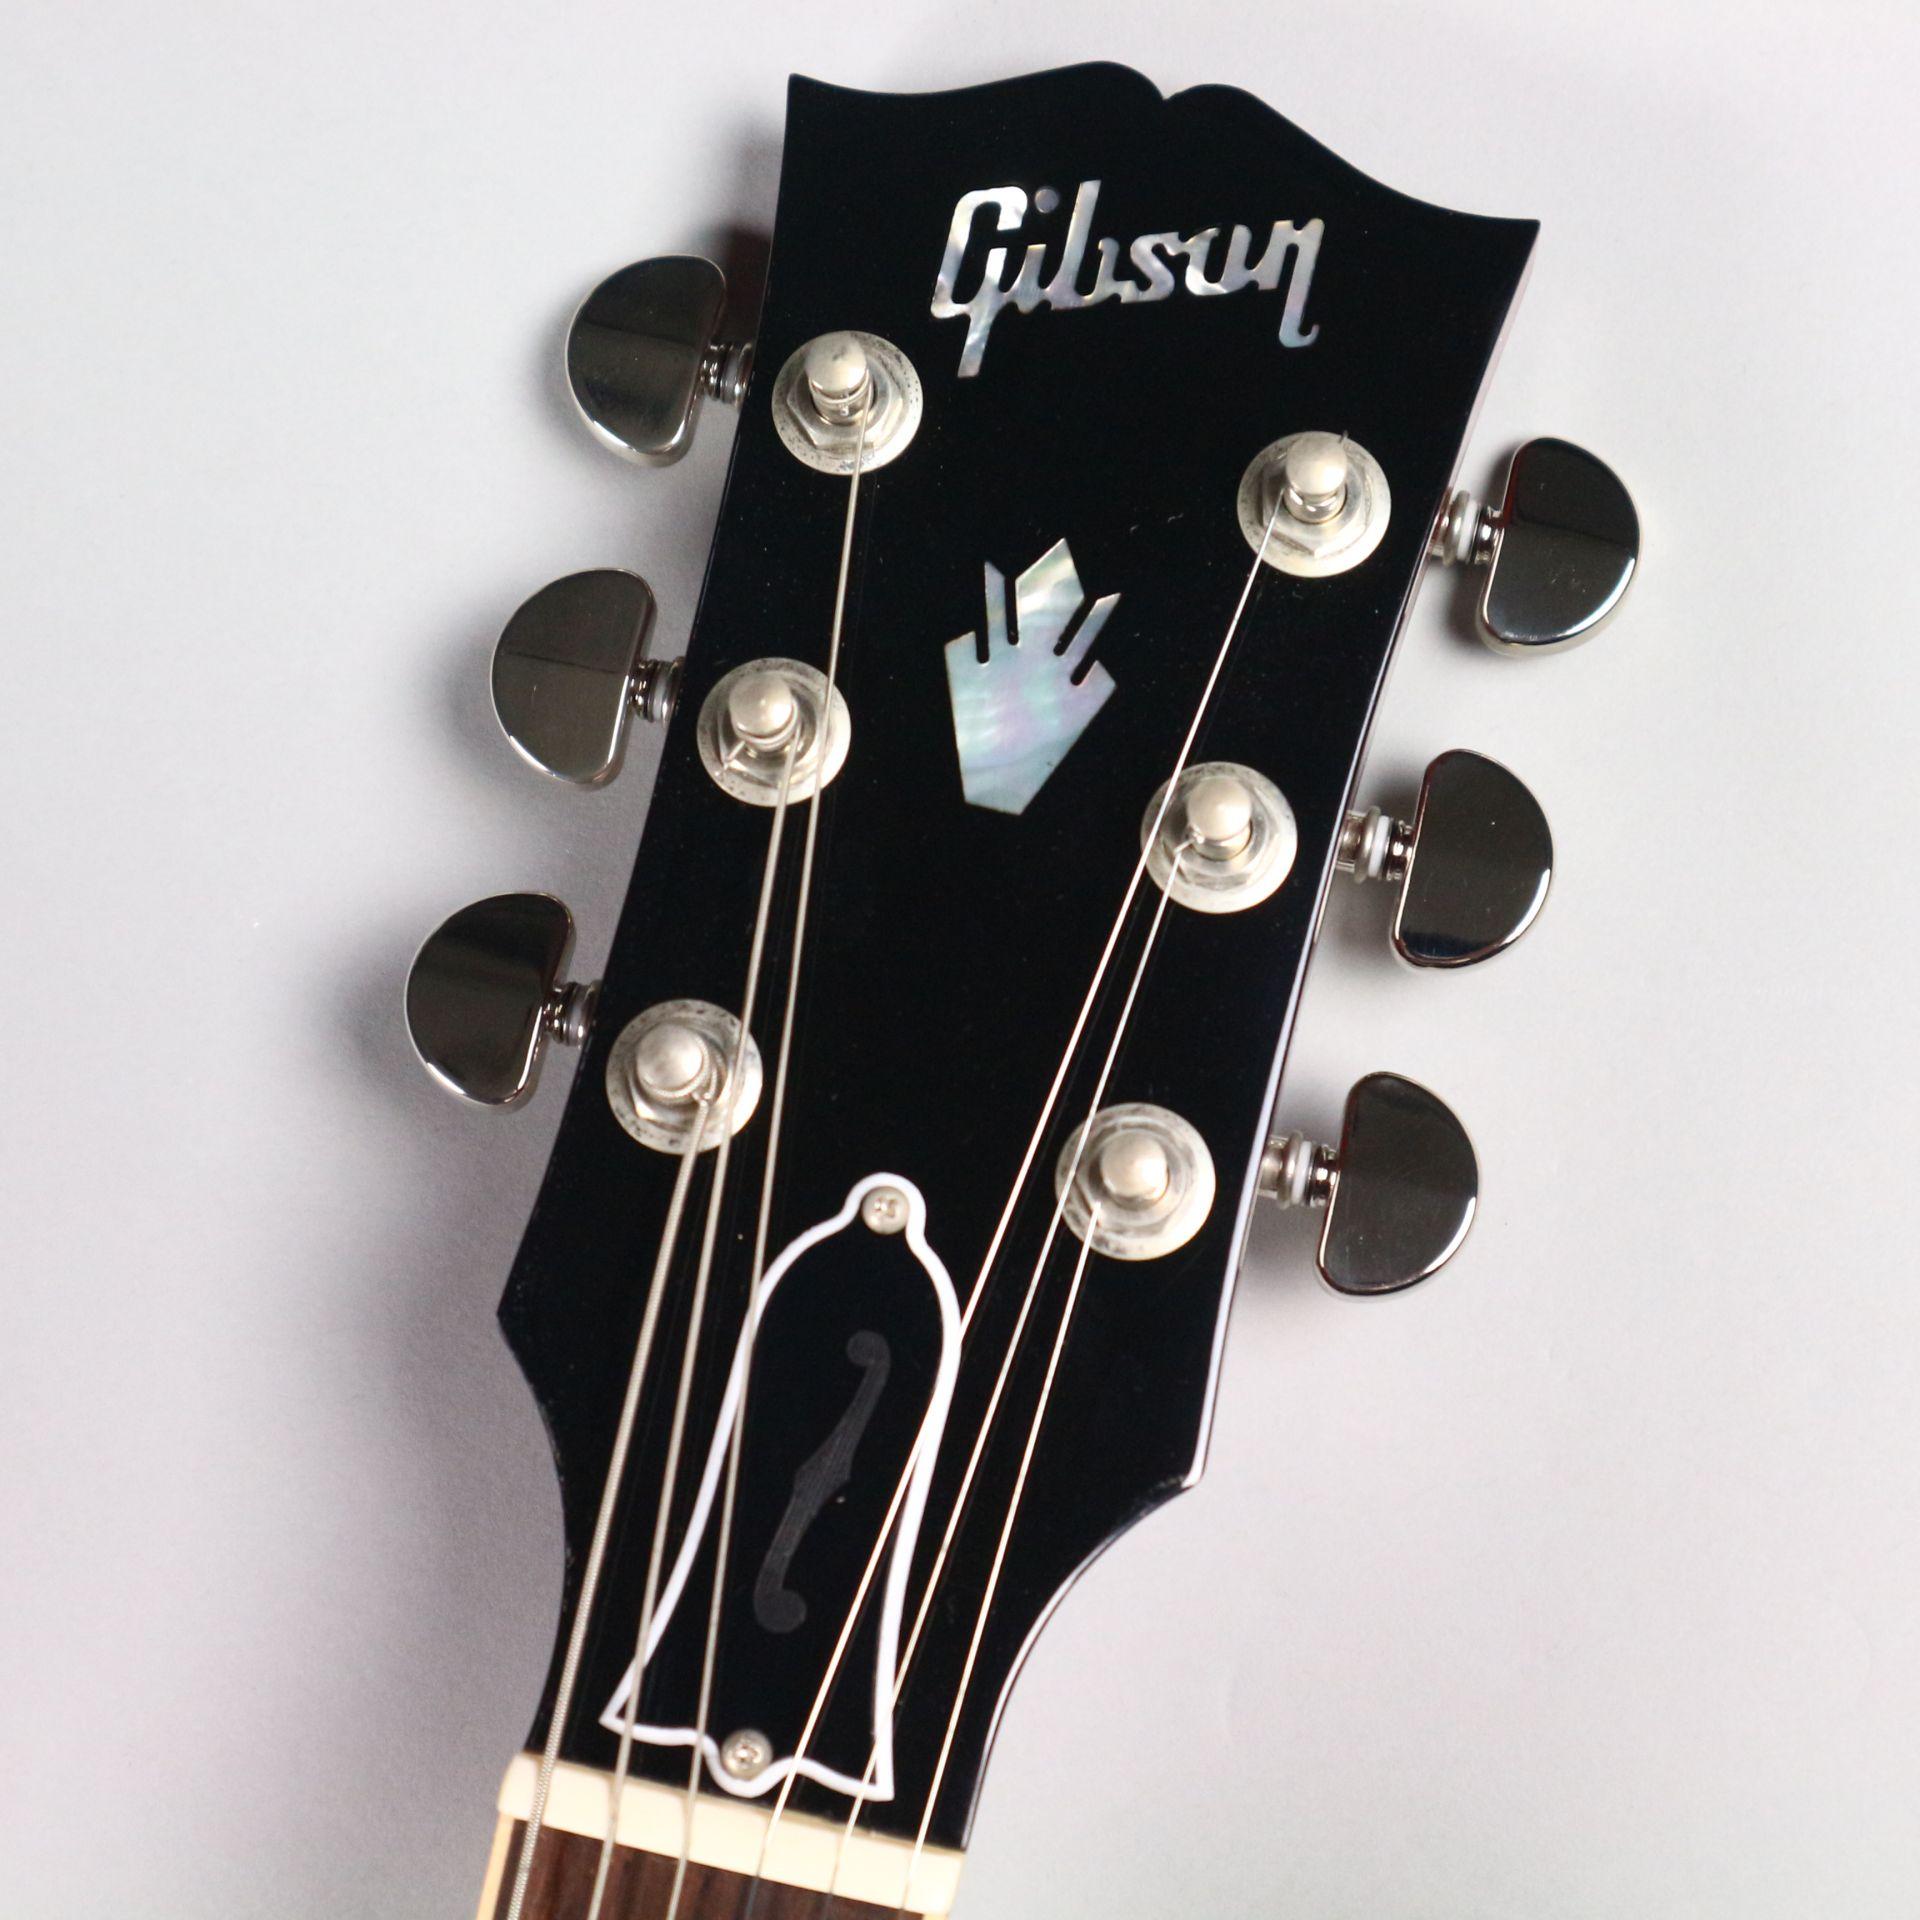 ES-335 Figured 2016 Cherryのヘッド画像